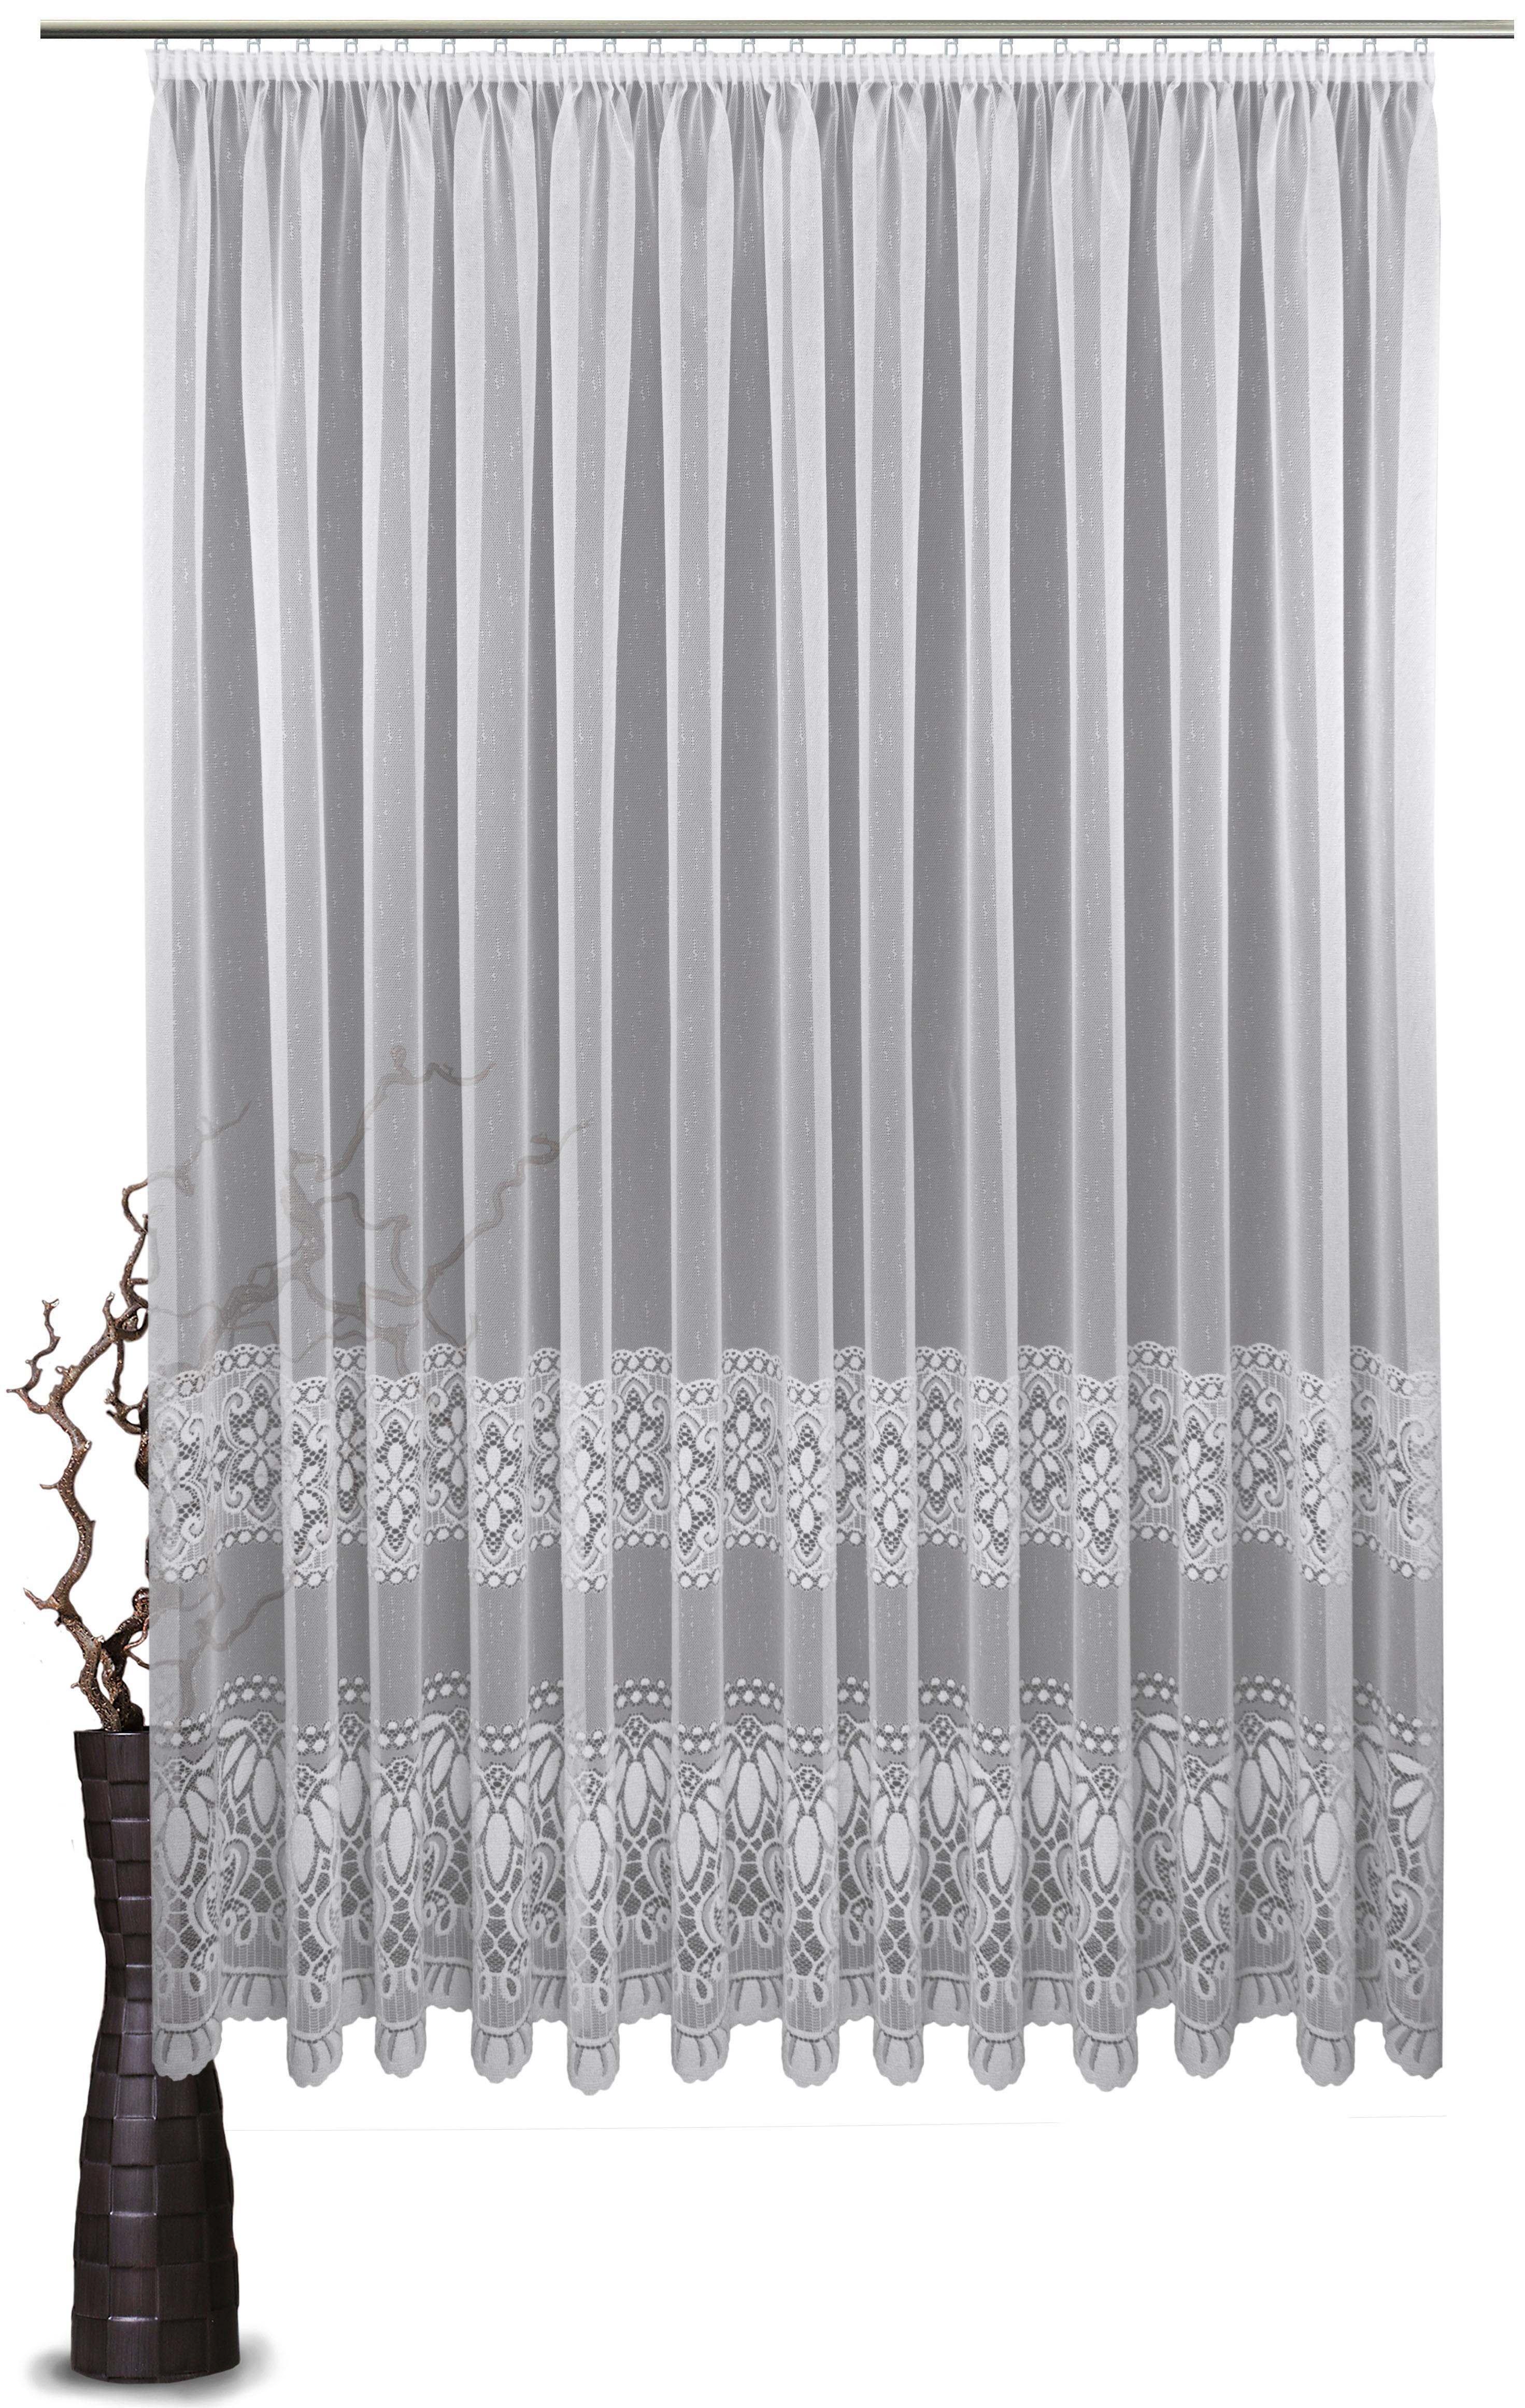 Gardine VHG Ava mit Kräuselband nach Maß mit Ornamentstreifen